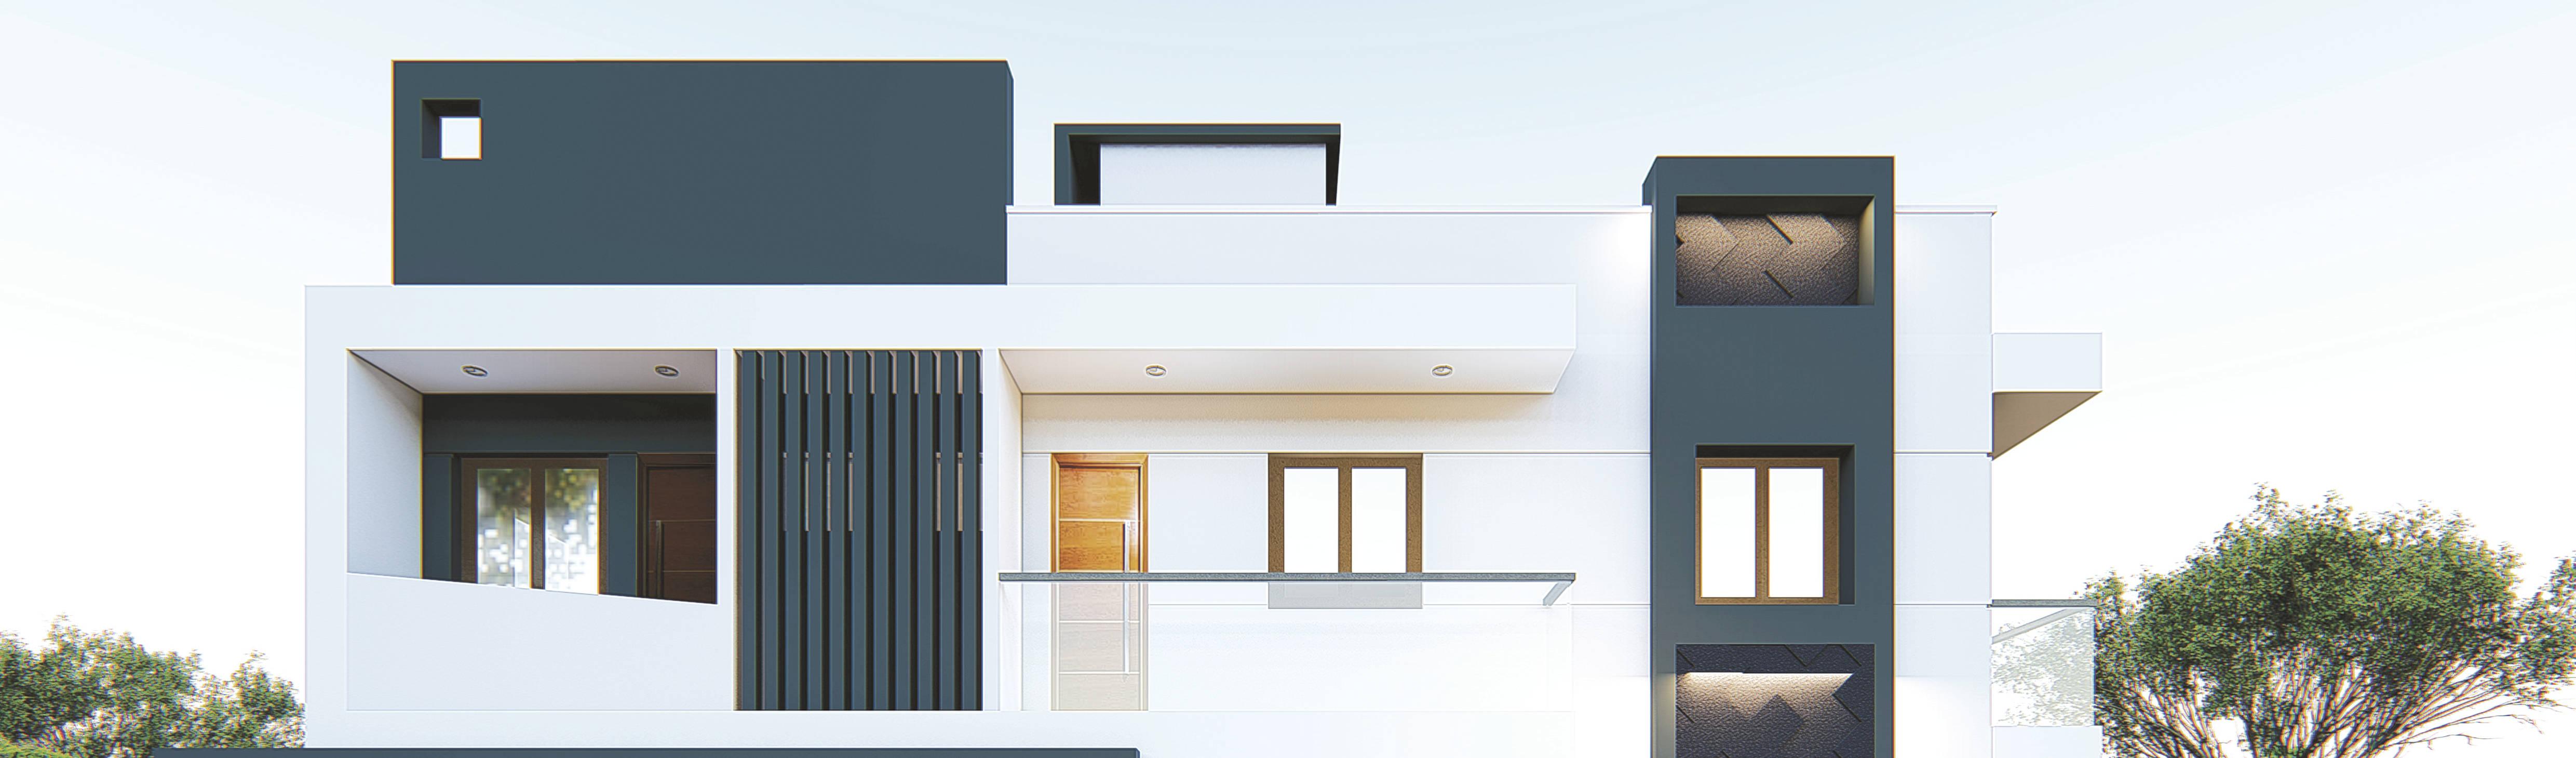 Latha Architects